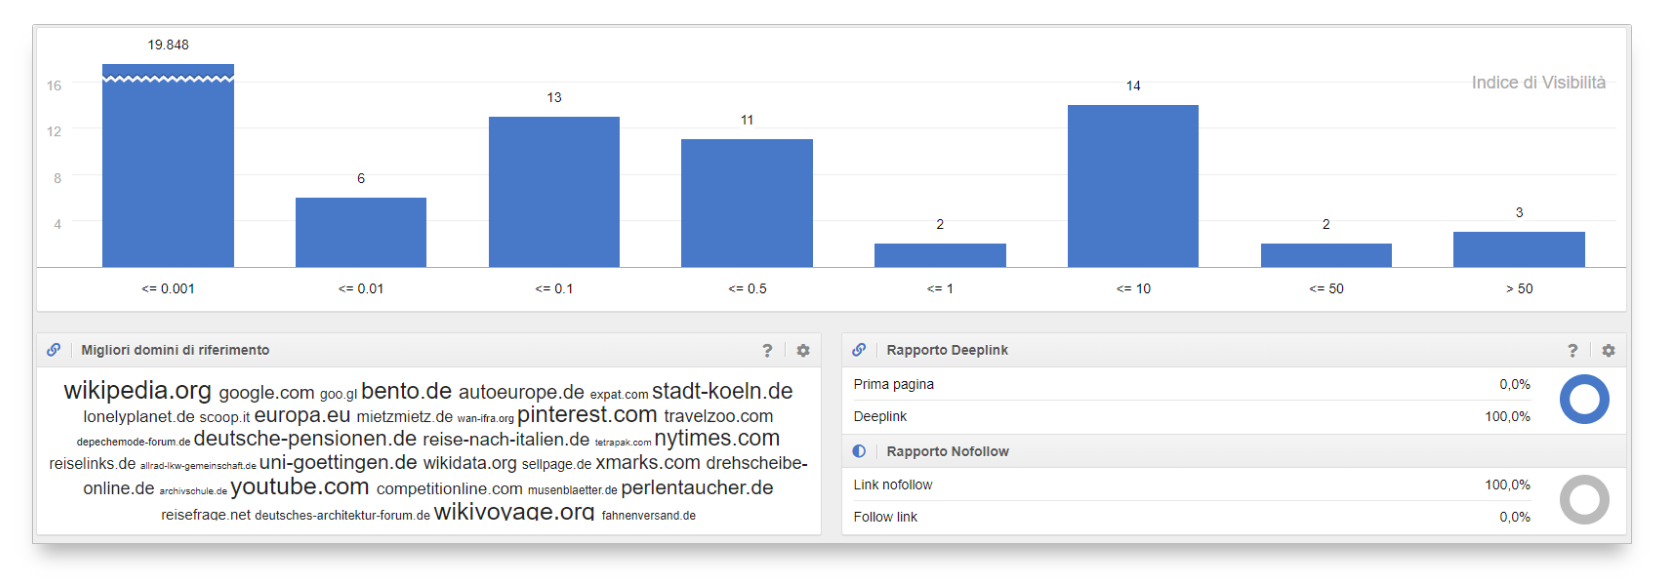 Dati link con LinkPlus attivo